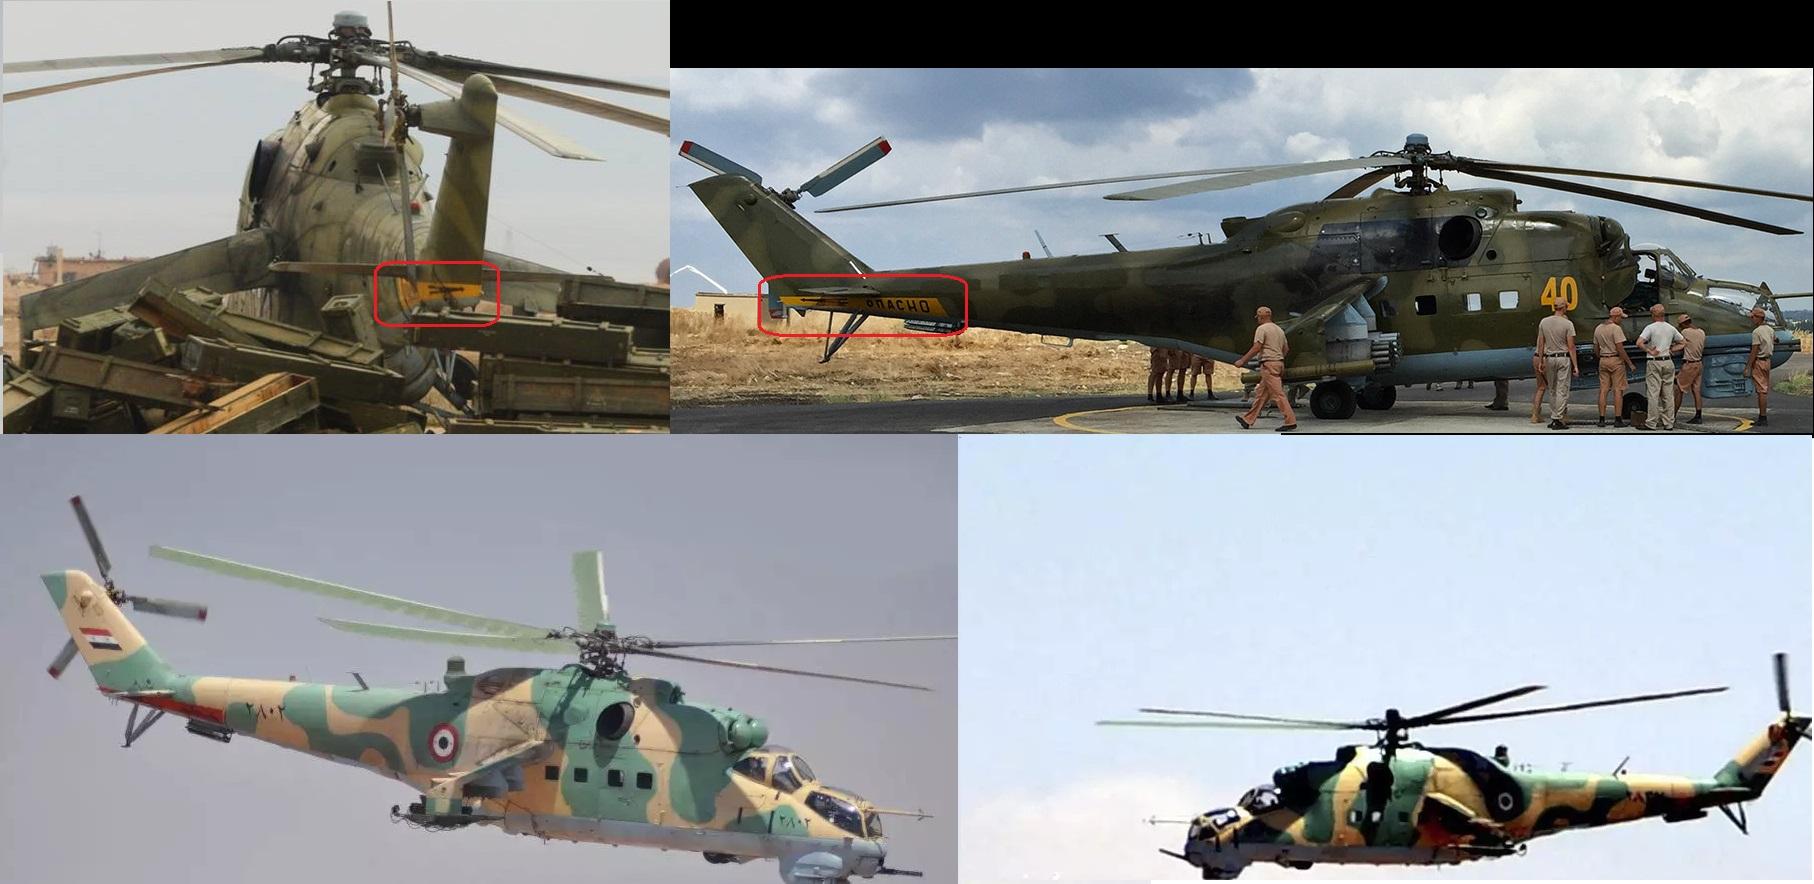 Cлева вверху: вертолет Ми-24 на авиабазе Т4; справа вверху: Ми-24 ВКС РФ на авиабазе Хмеймим (источник); внизу: вертолеты Ми-25 (экспортный вариант Ми-24) ВВС САР (источник)